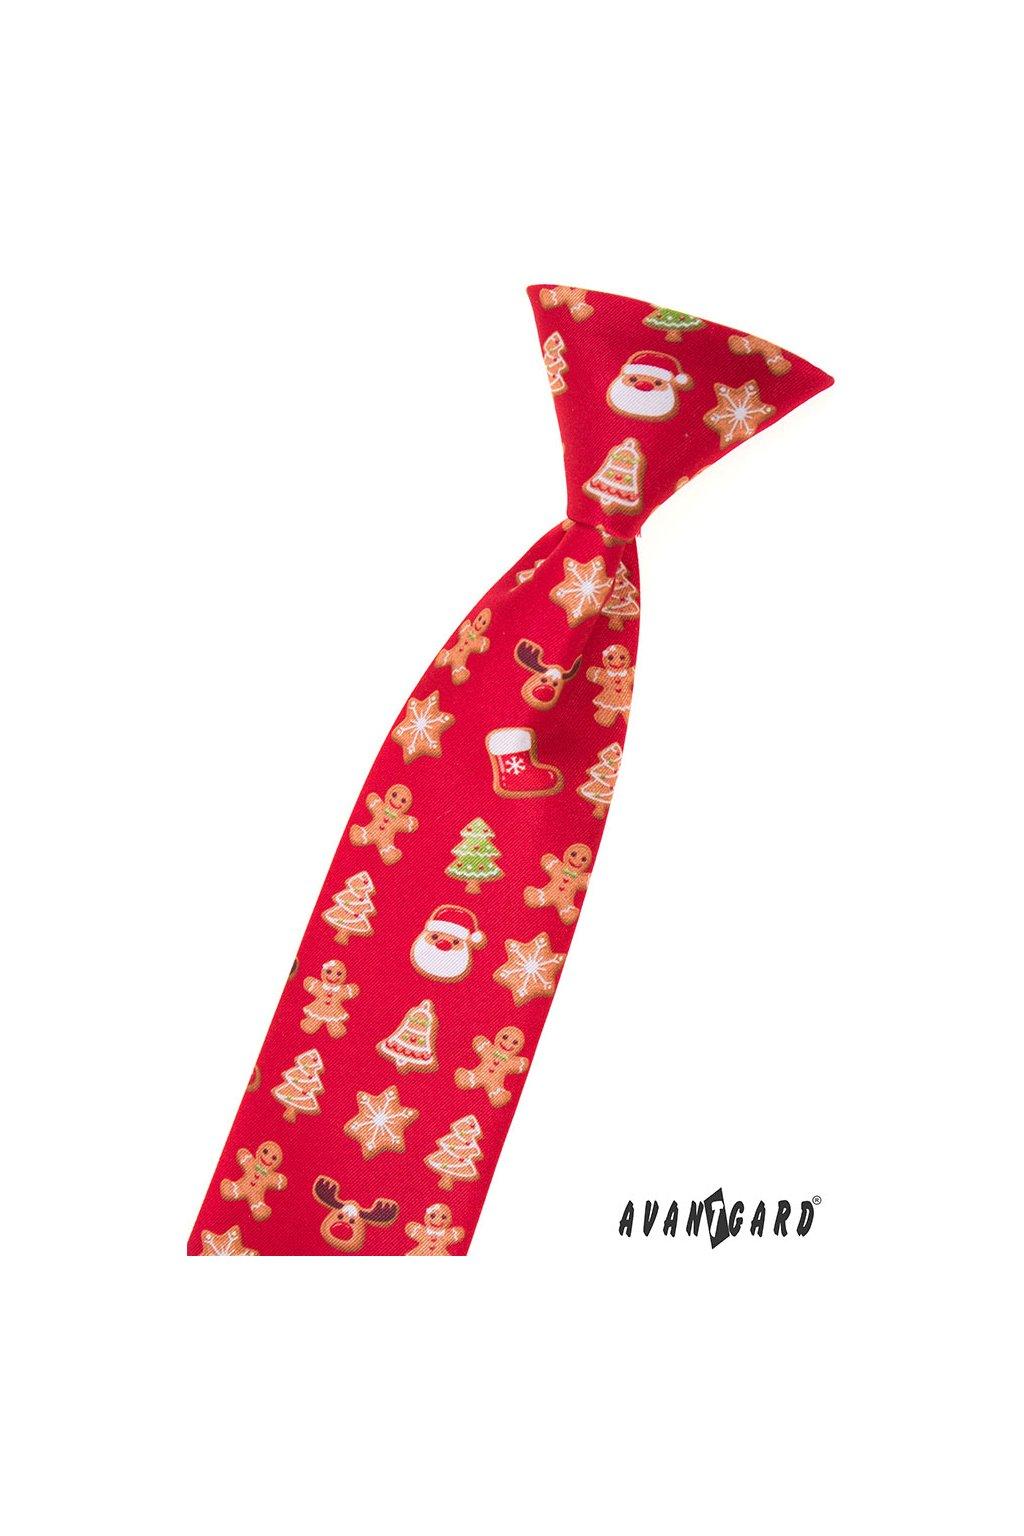 Chlapecká kravata červená/perníček 548 - 1984